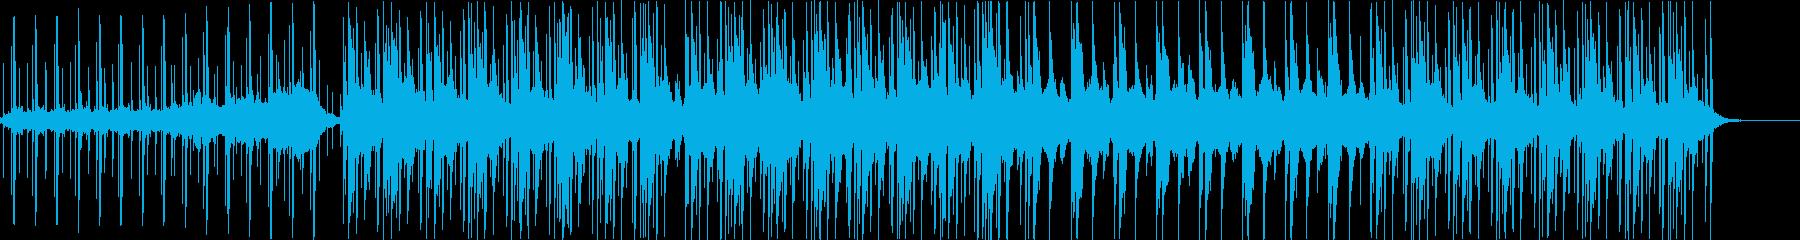 低音しっかり浮遊感のあるエレクトロの再生済みの波形